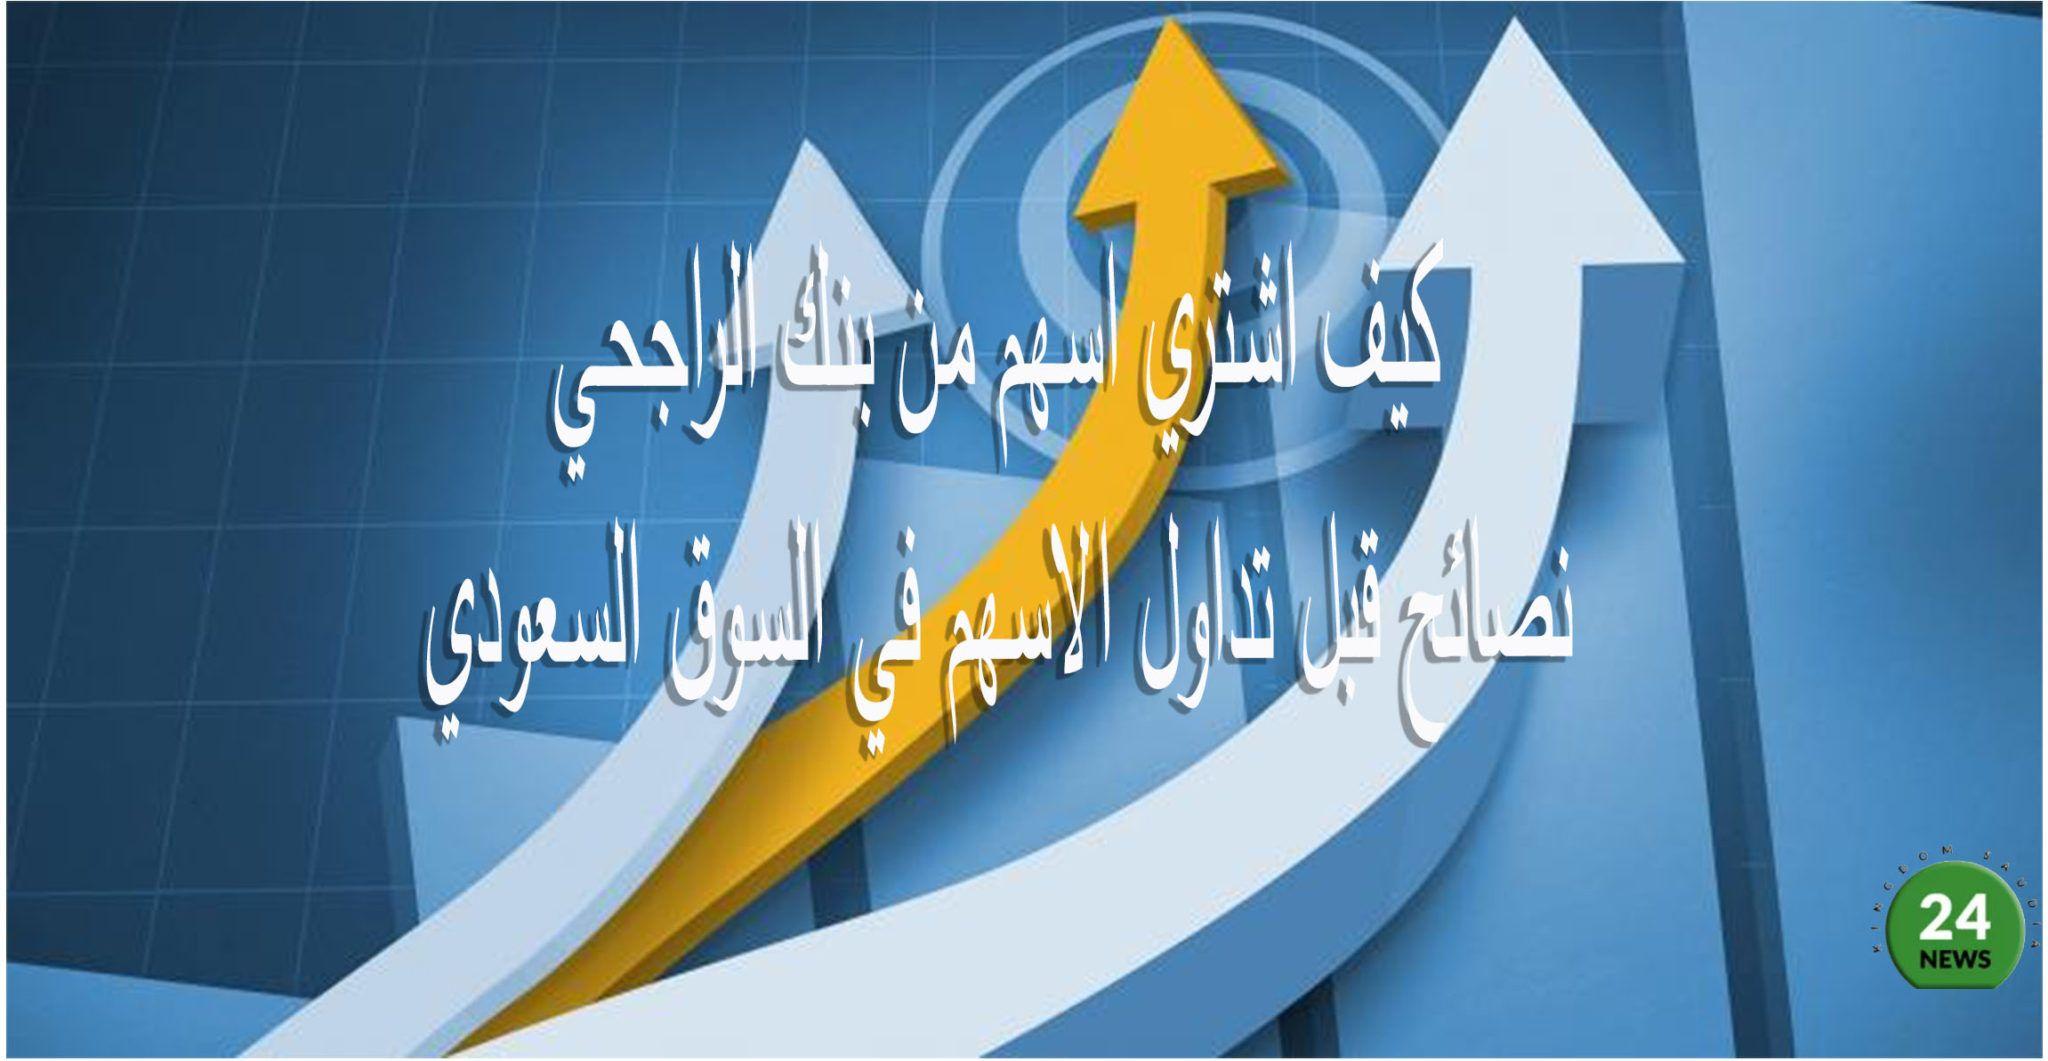 كيف اشتري اسهم من بنك الراجحي نصائح قبل تداول الاسهم في السوق السعودي Trading